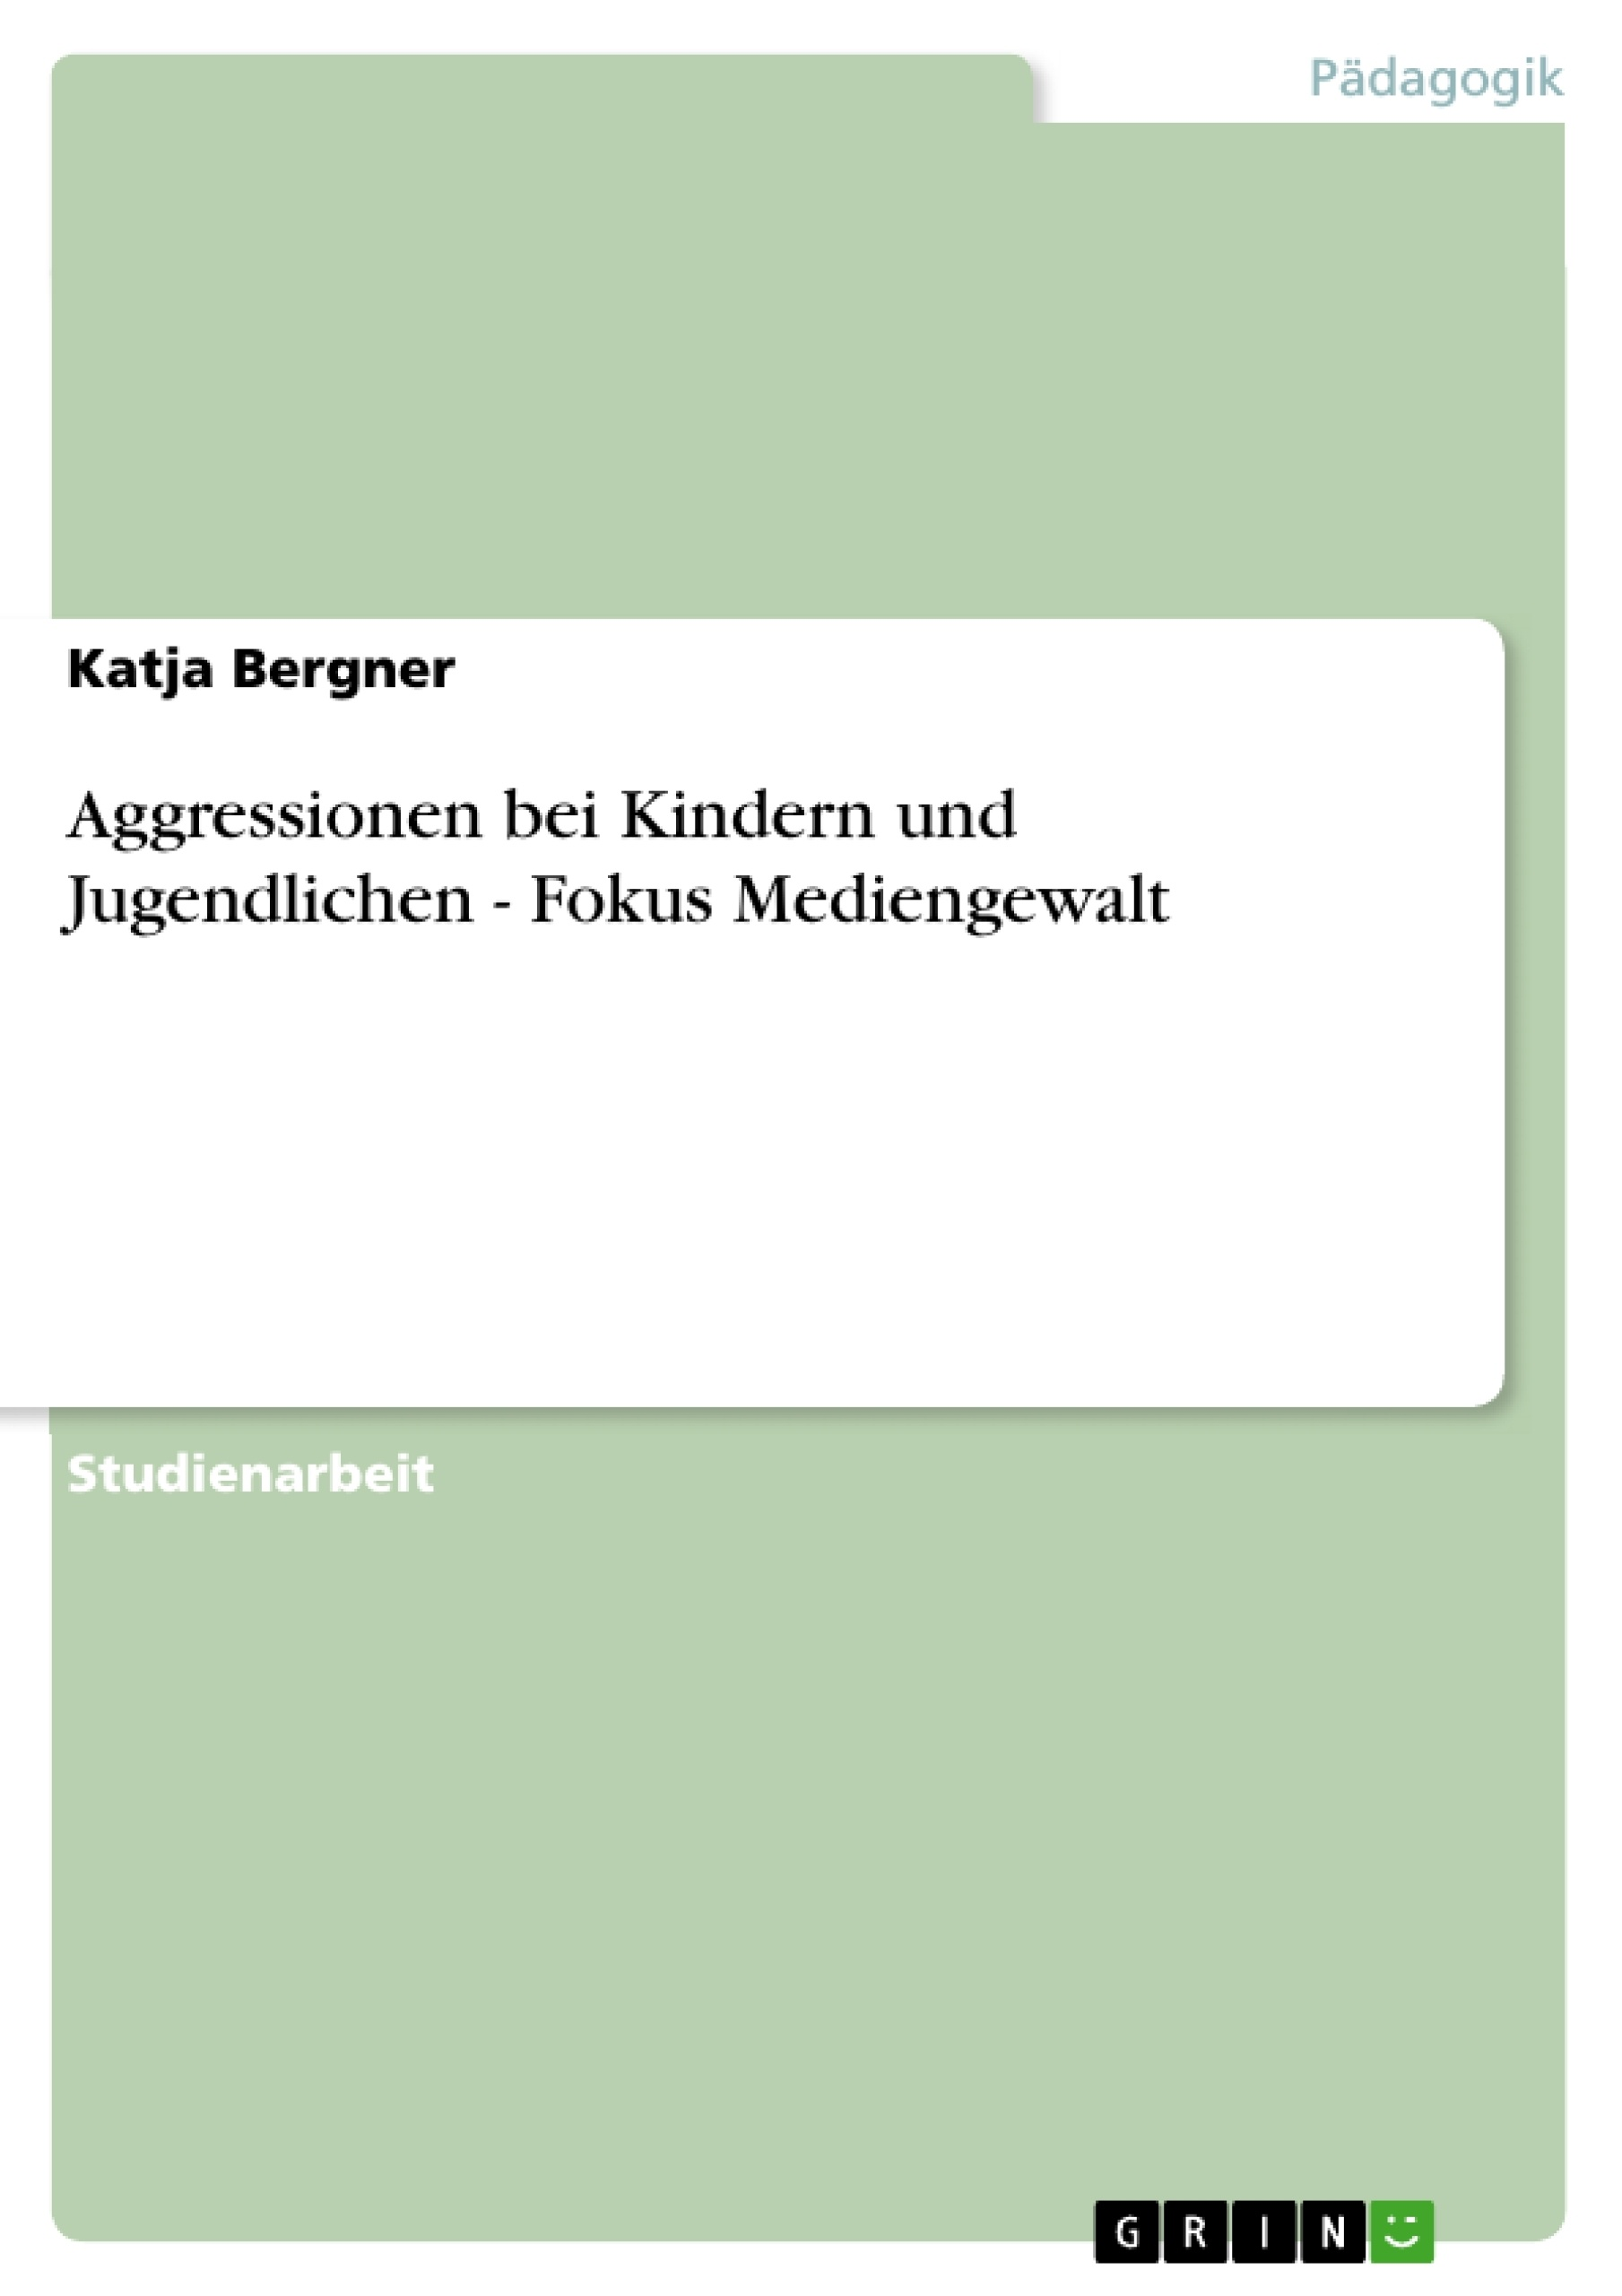 Titel: Aggressionen bei Kindern und Jugendlichen - Fokus Mediengewalt